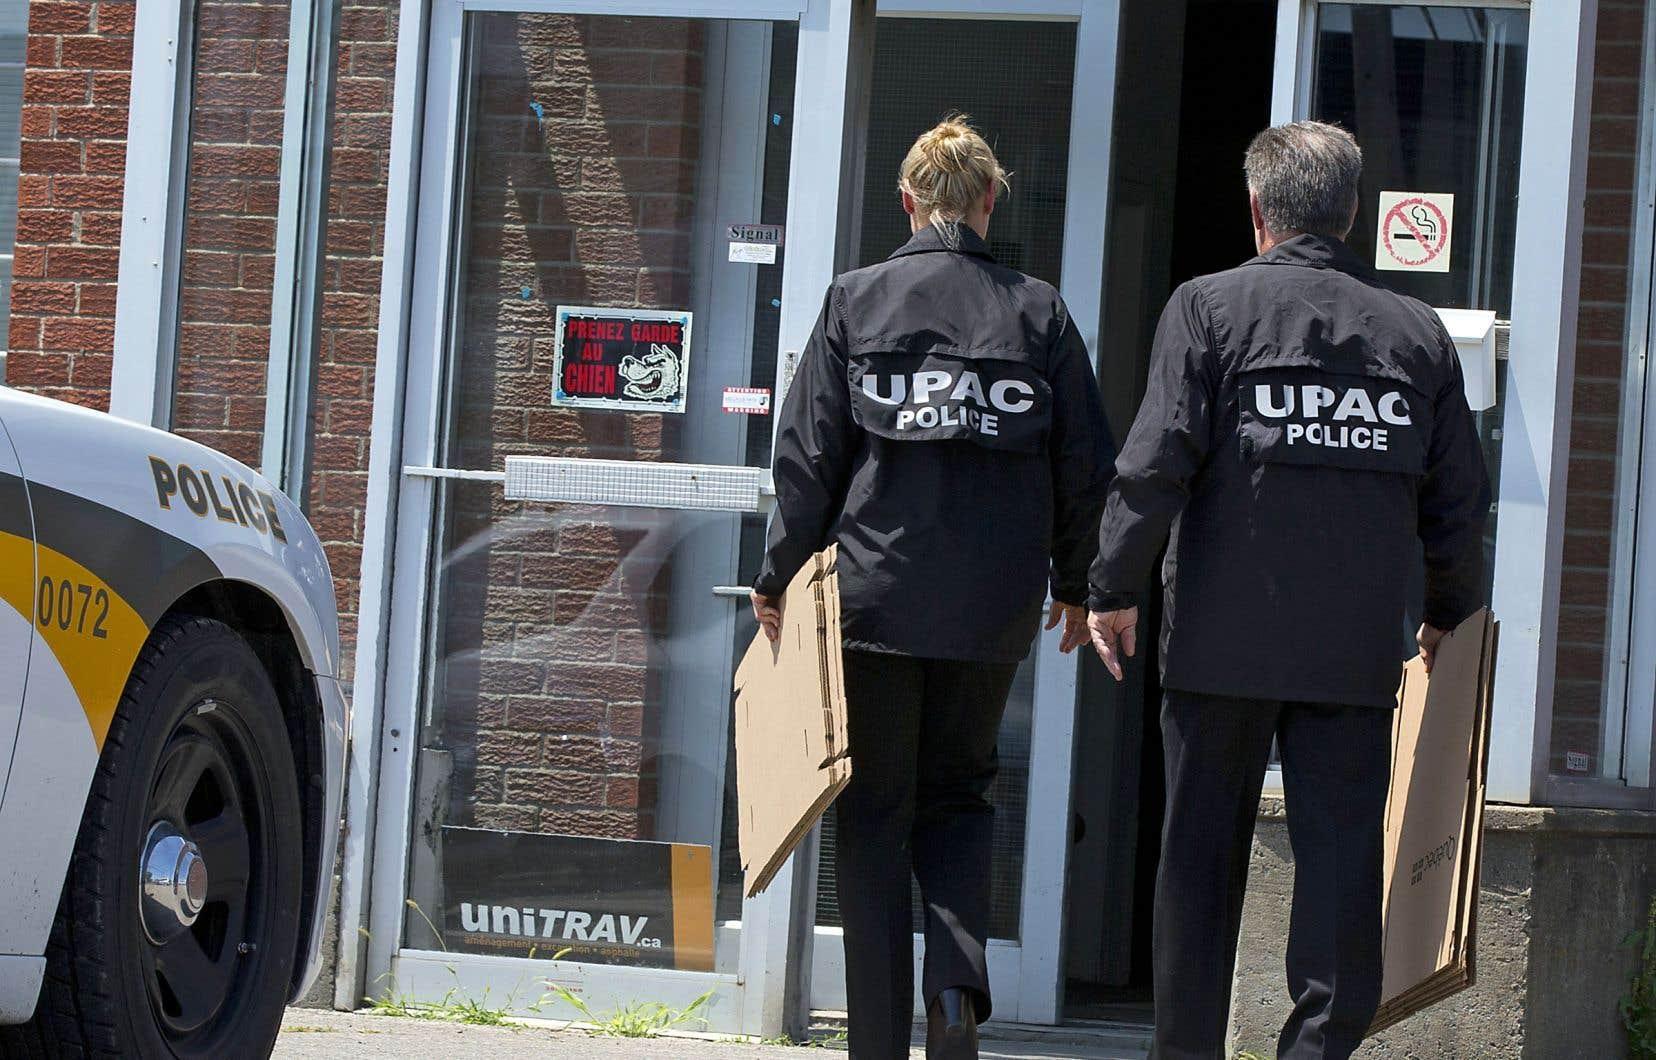 L'UPAC frappe à Terrebonne avec quatre arrestations et recherche un ex-maire